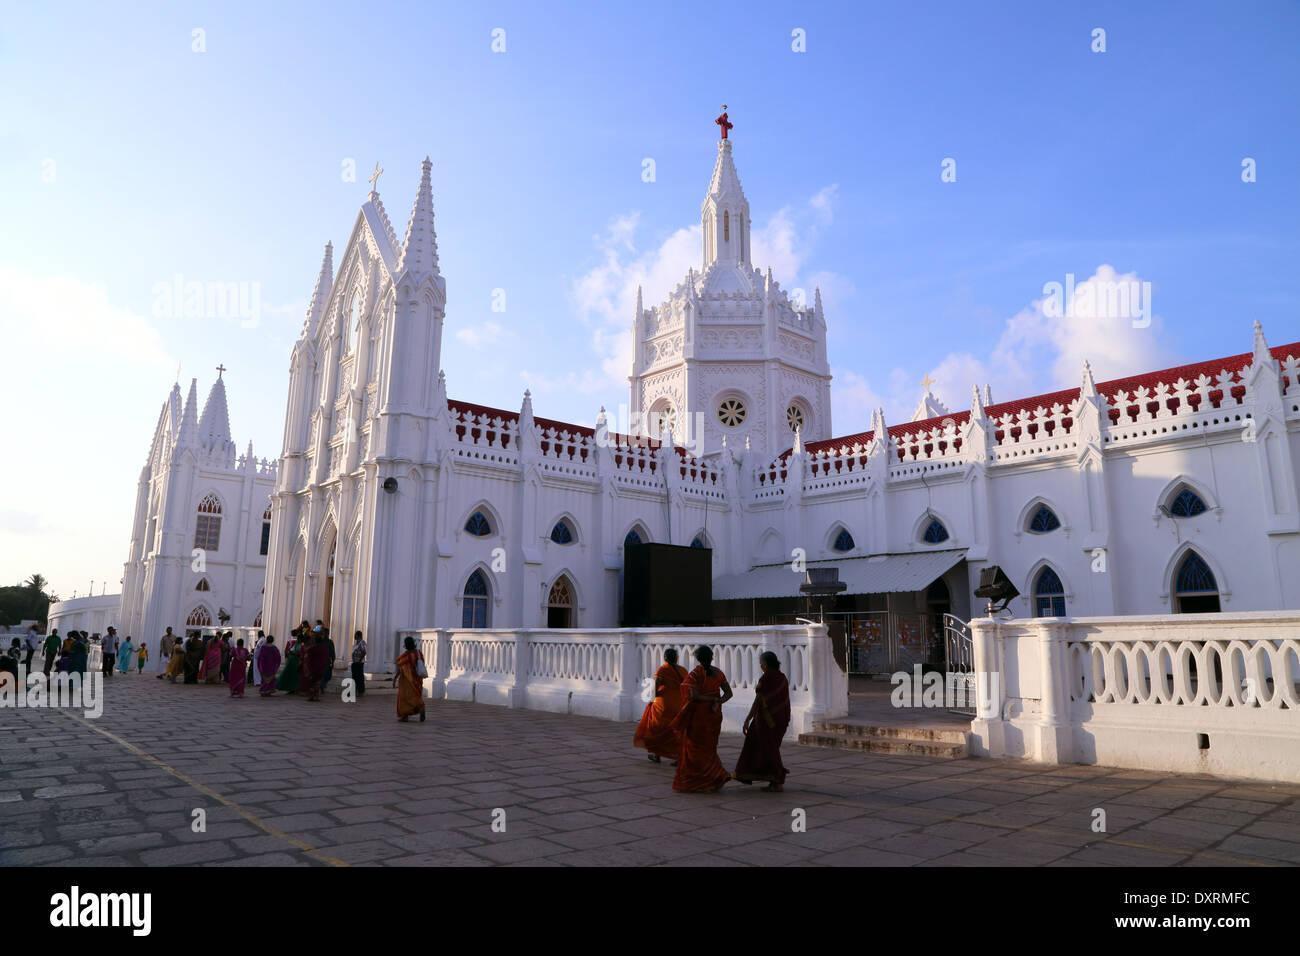 Santuario Basílica de Nuestra Señora de la salud de Vailankanni, distrito de Nagapattinam, Tamil Nadu, India Foto de stock